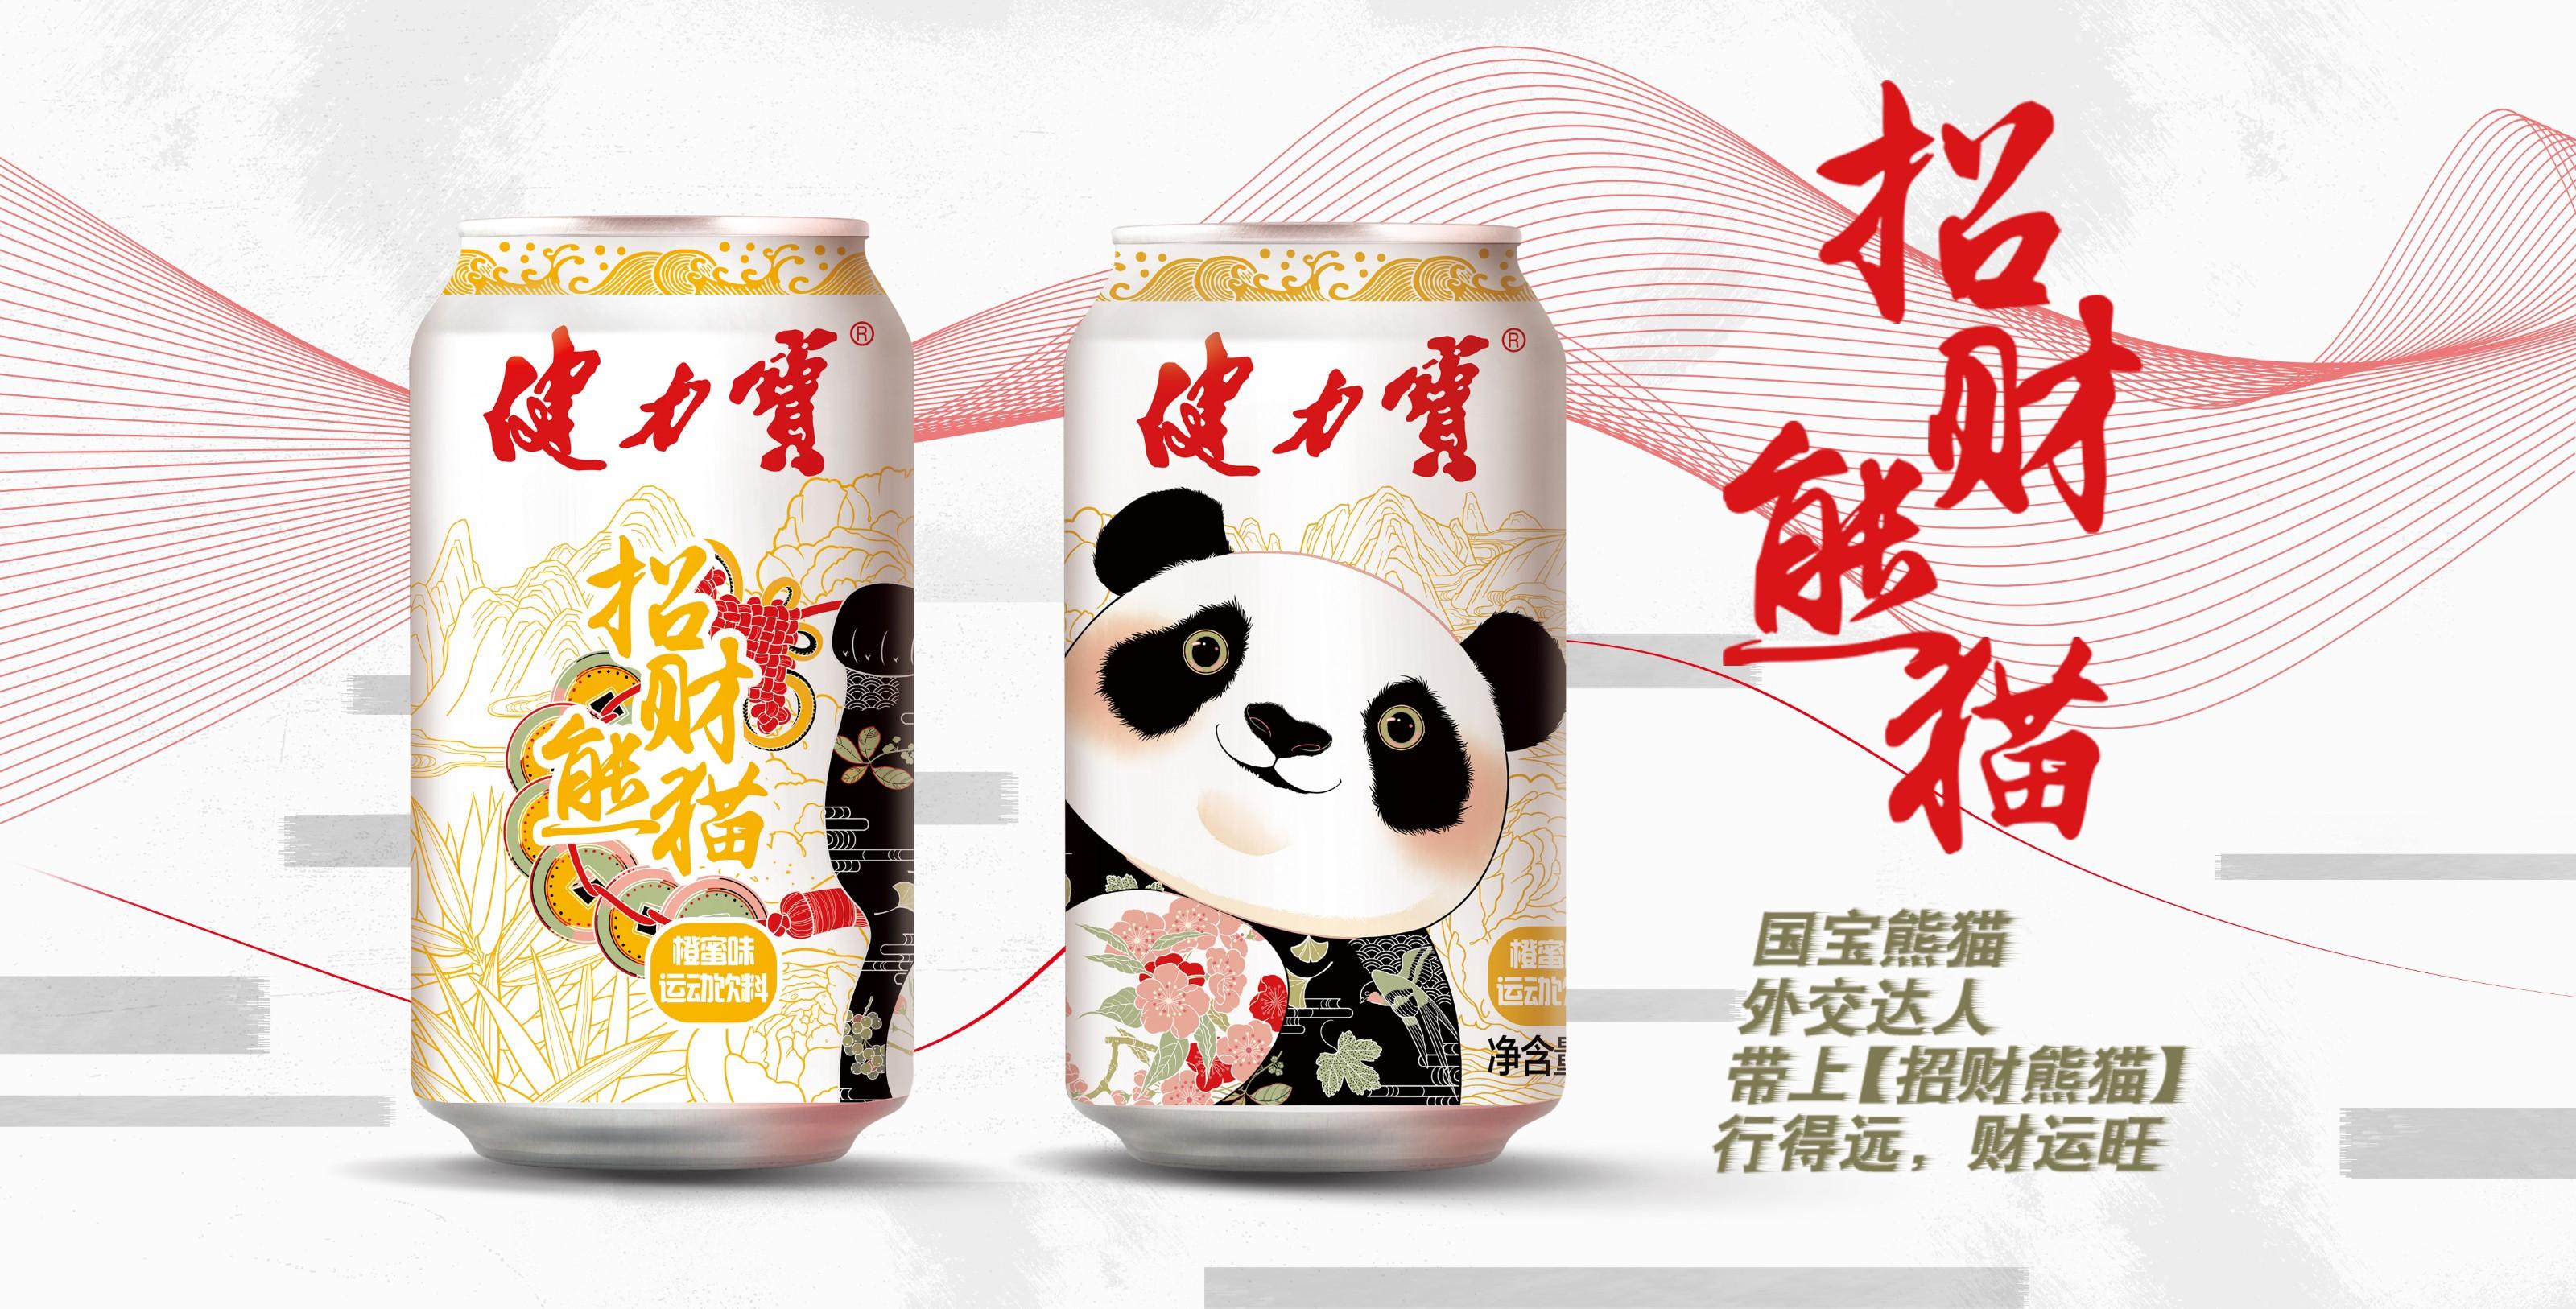 文化罐效果图-熊猫0702.jpg